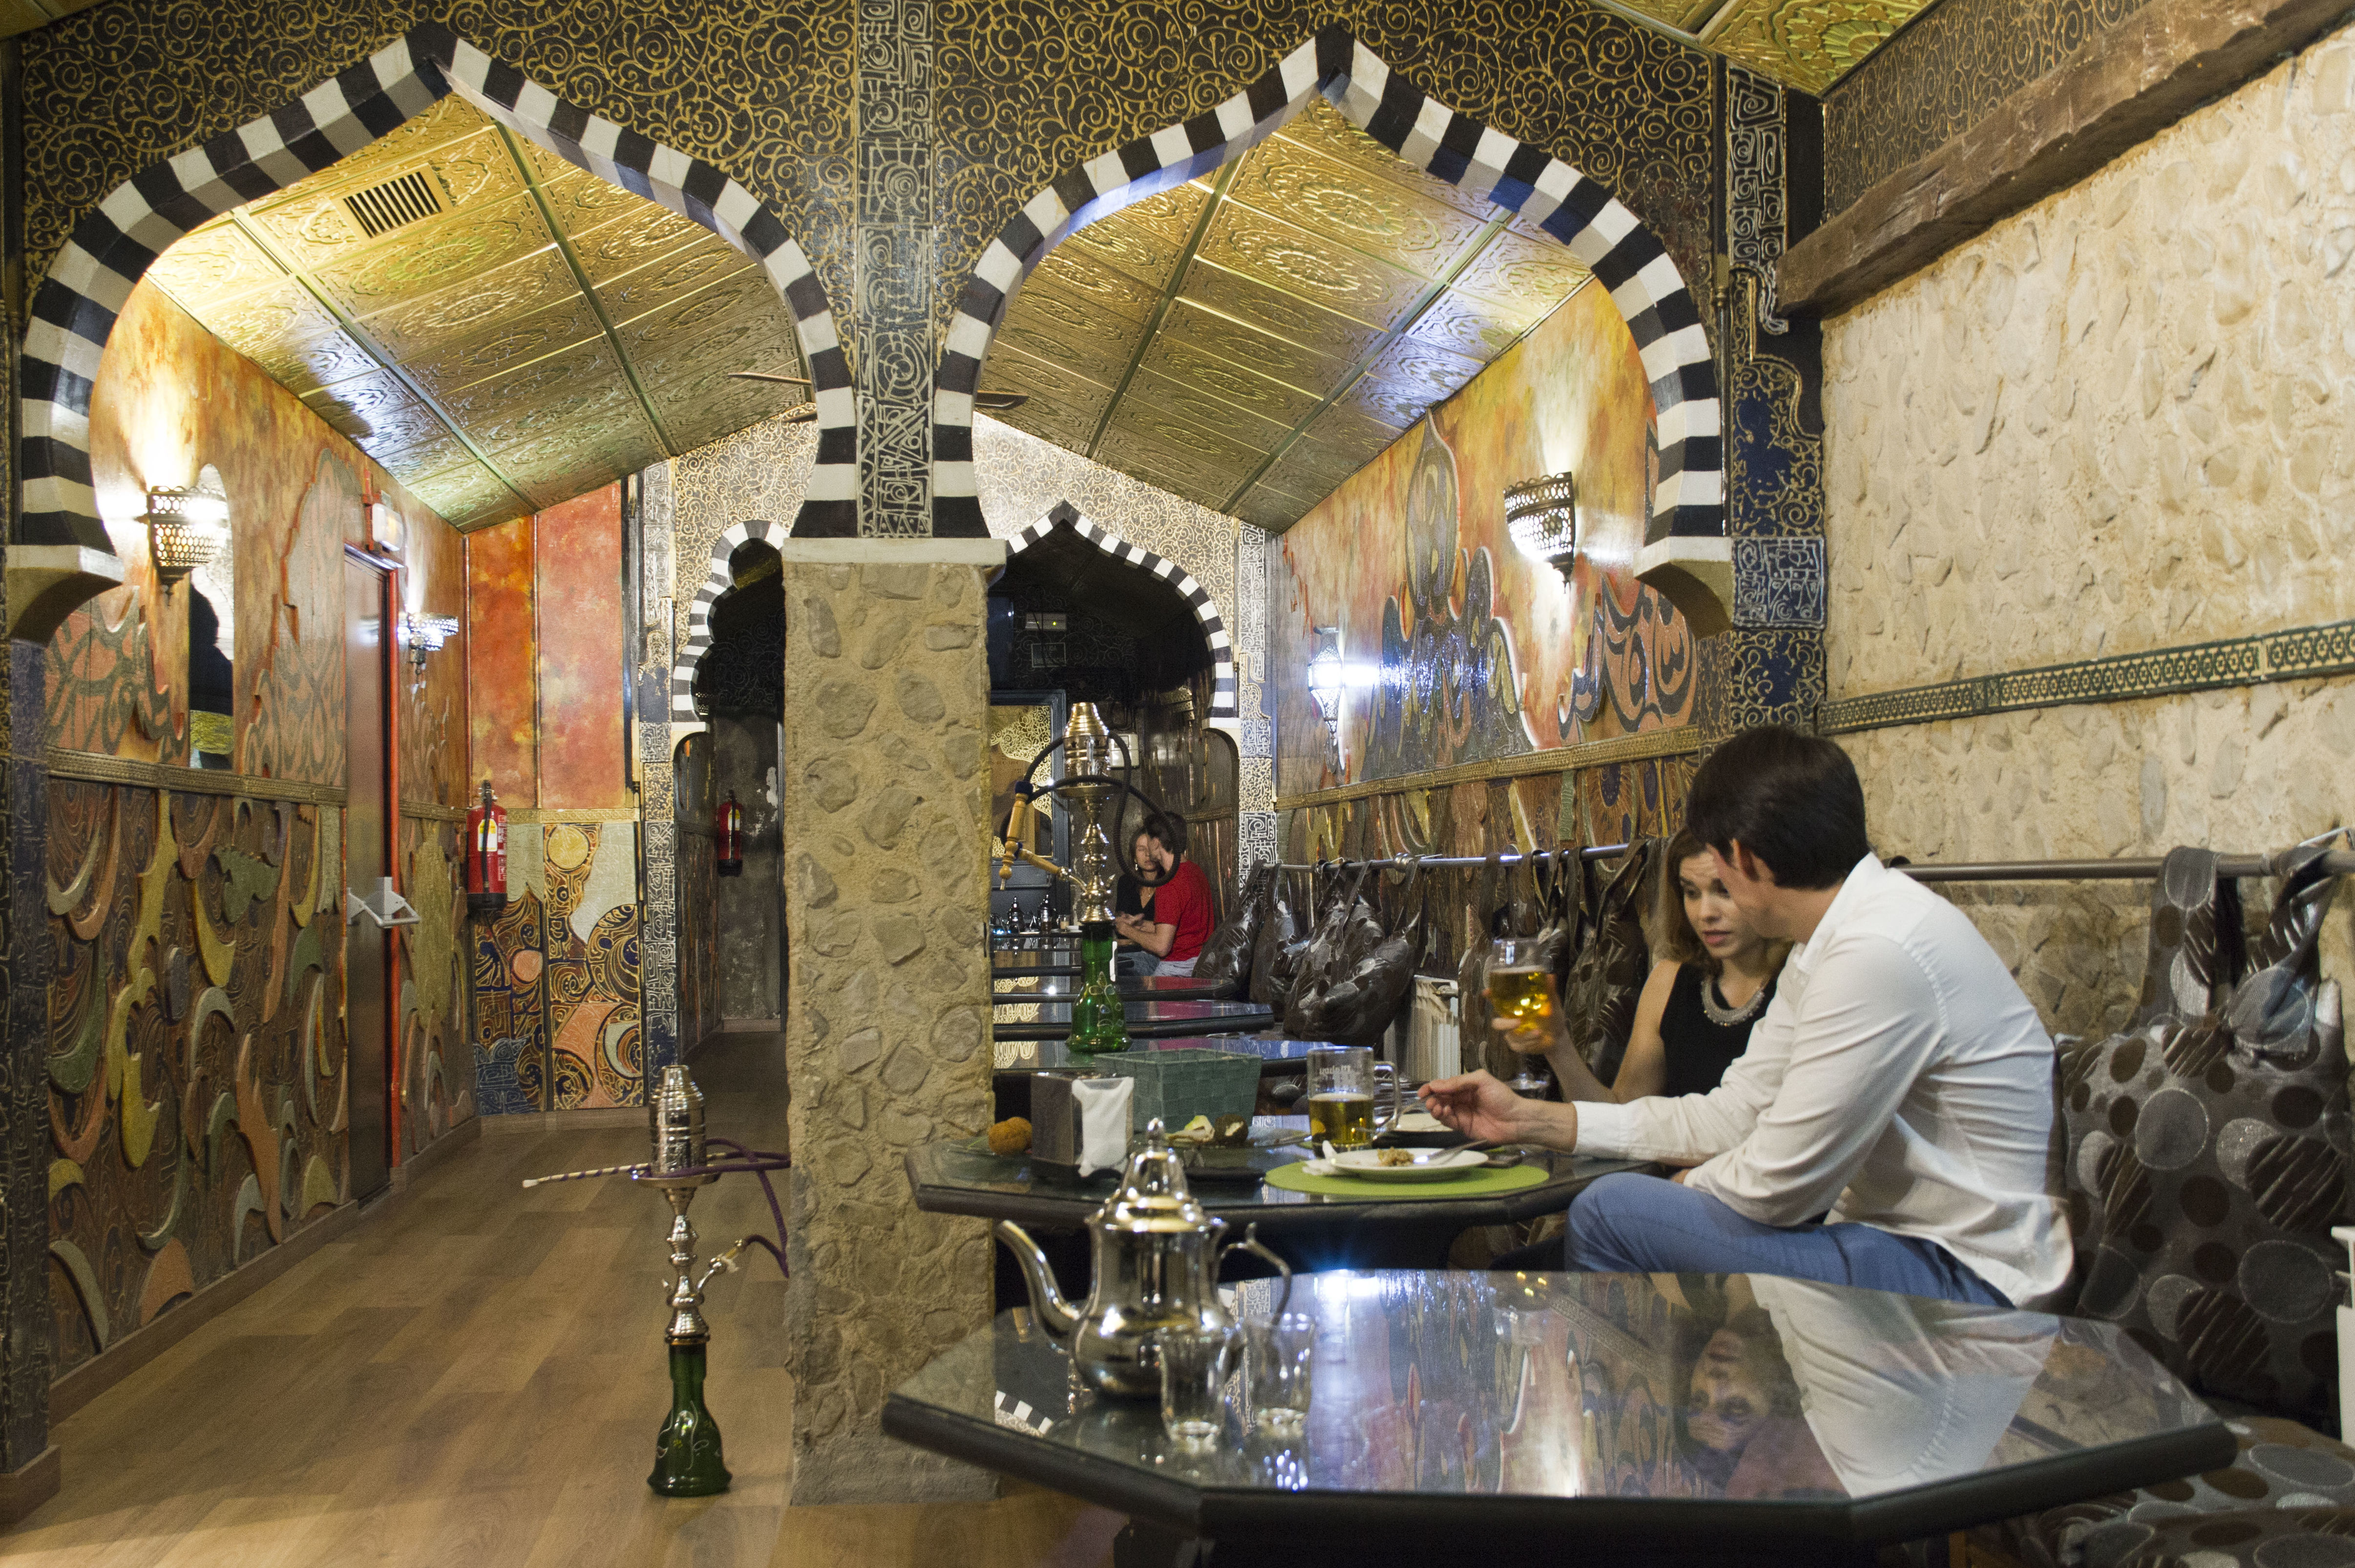 Prueba nuestro salón reformado de té y shishas